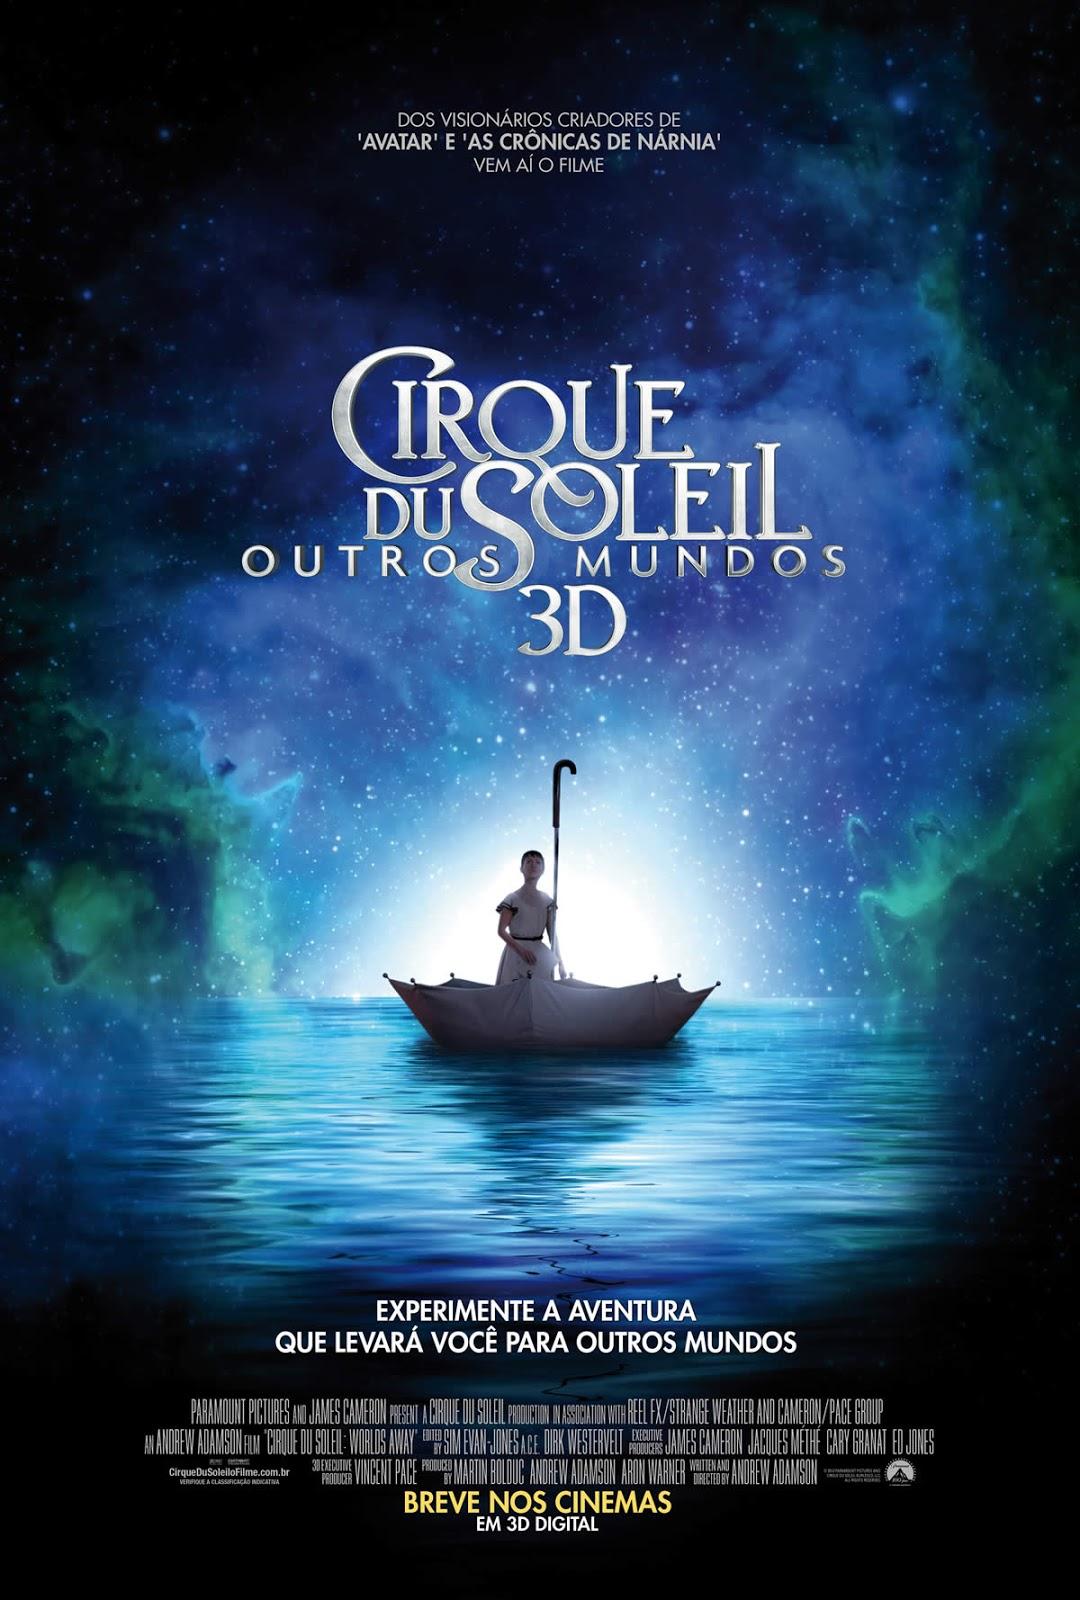 Cirque du Soleil – Outros Mundos Legendado